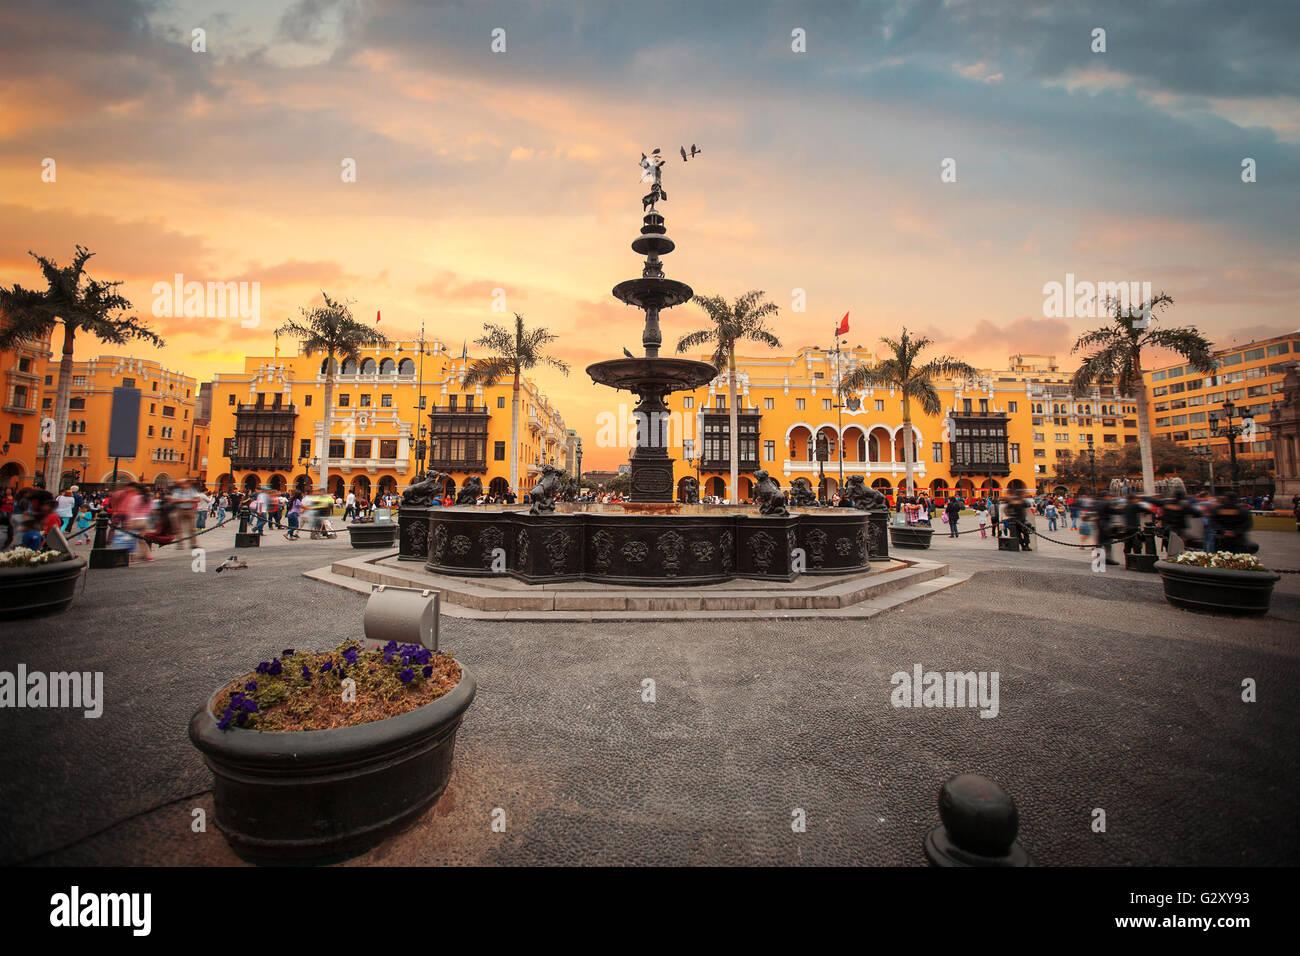 Vista panoramica di Lima principale piazza e chiesa cattedrale. Immagini Stock